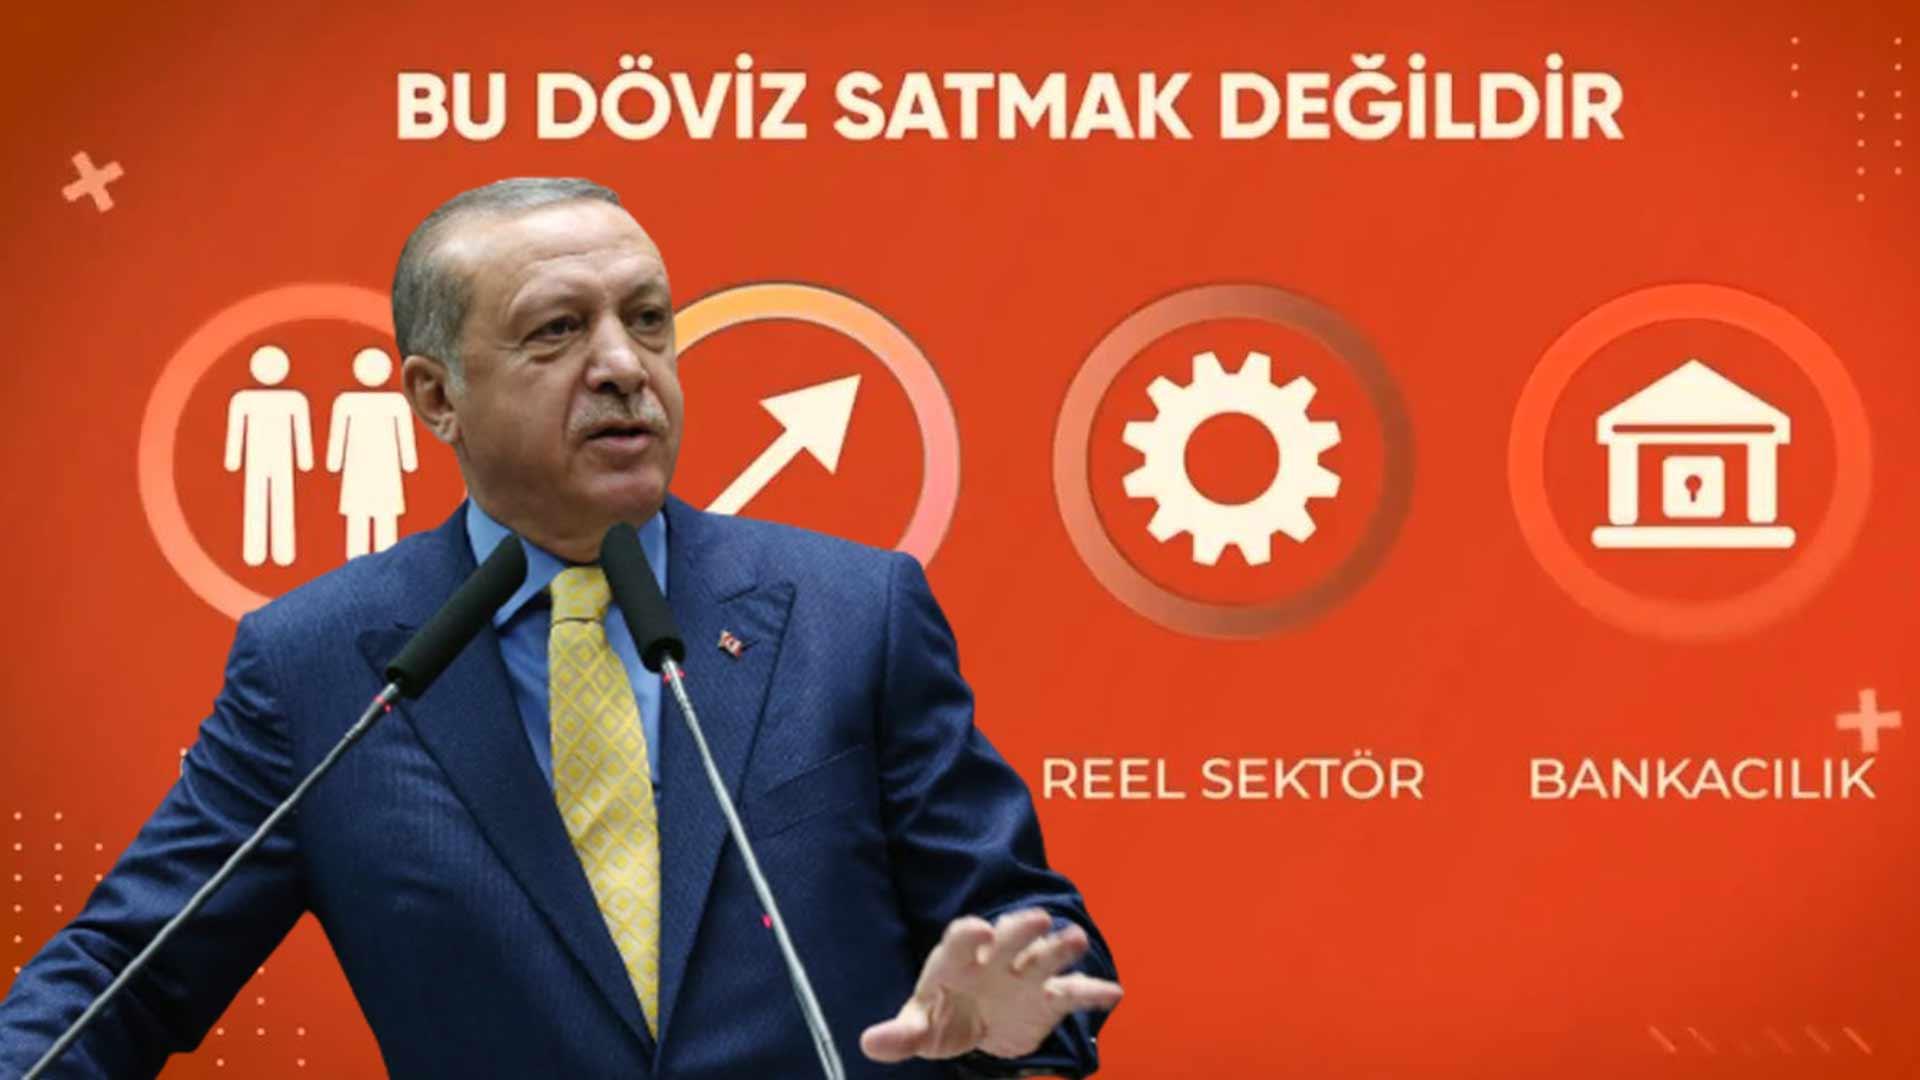 AKP'den '128 milyar dolar' videosu: Ödemeler dengesinin devamlılığını sağlamak döviz satmak değil; Türkiye Cumhuriyeti vatandaşlarının tek kuruşu kaybolmamıştır